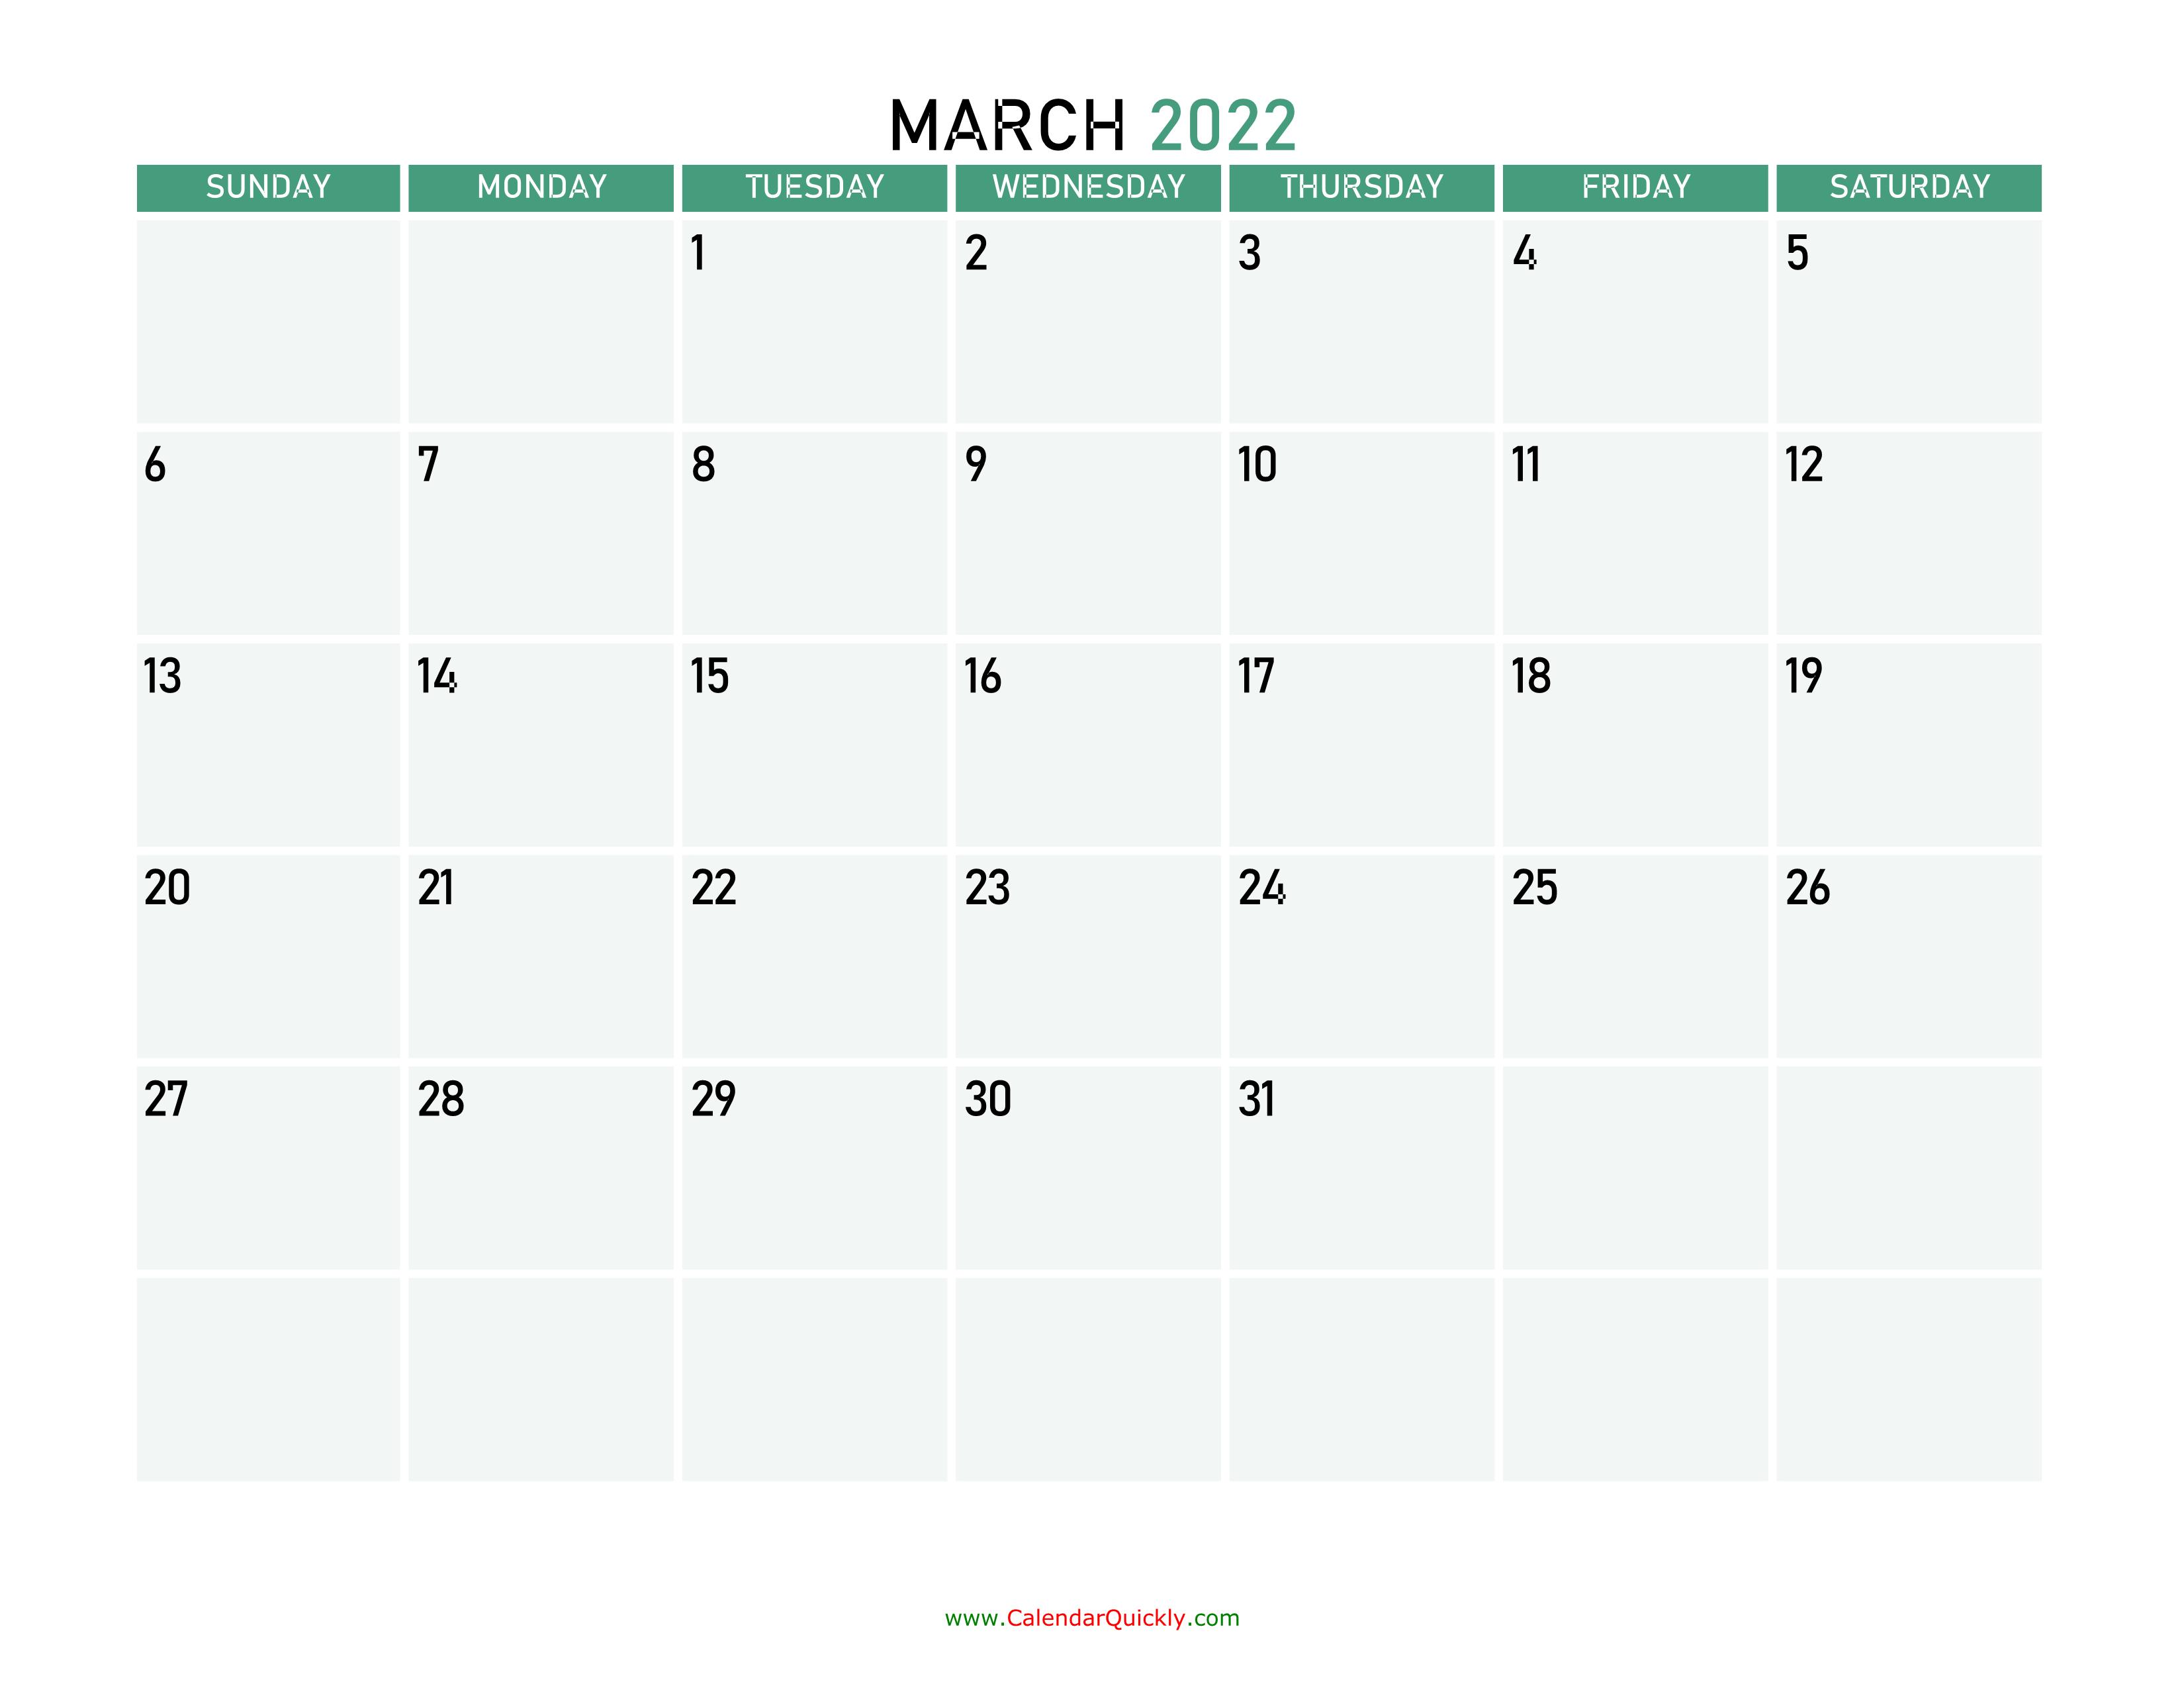 March Calendar 2022 Printable.March 2022 Printable Calendar Calendar Quickly